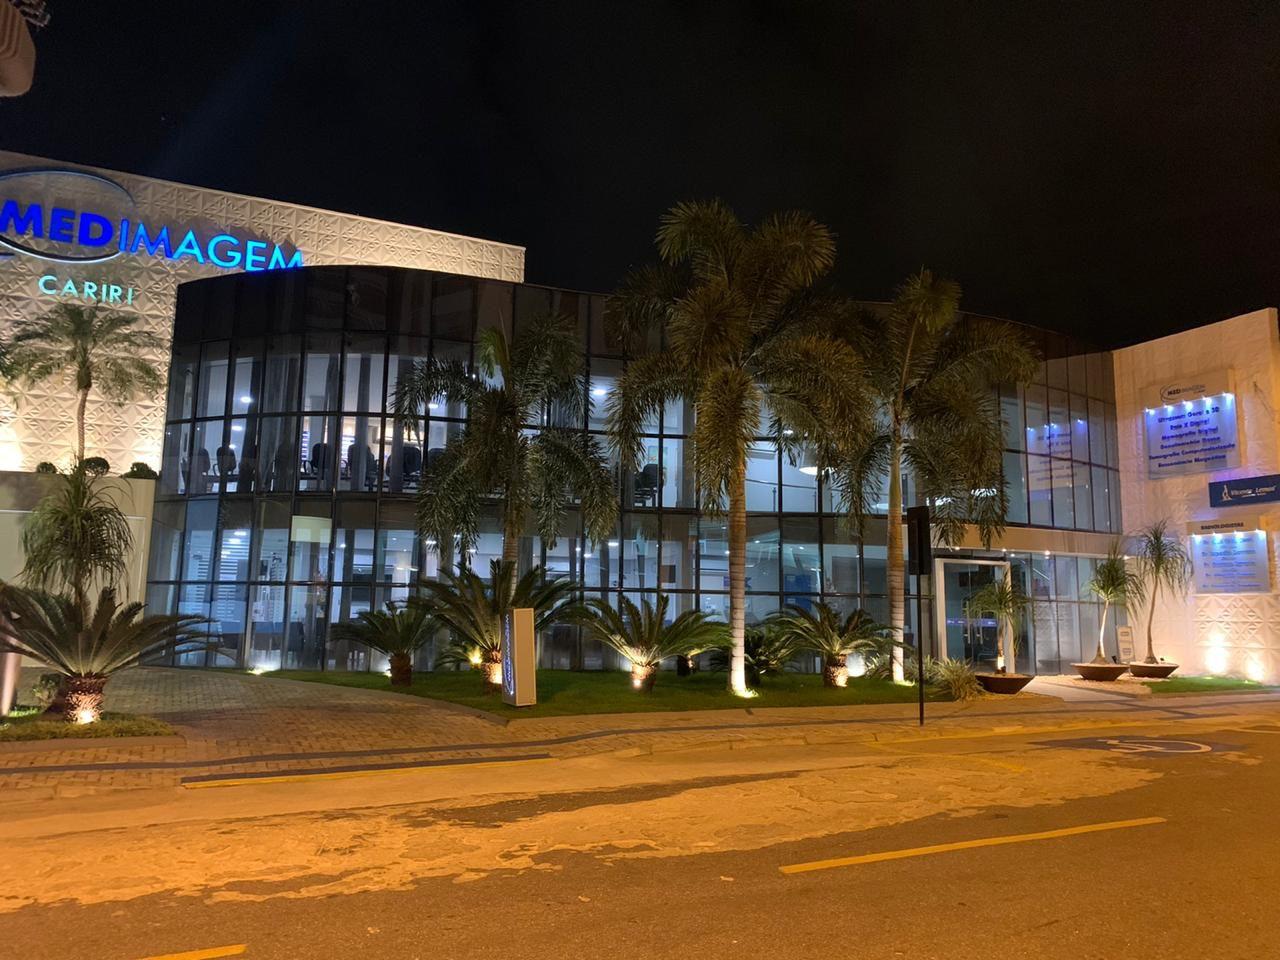 Grupo Medimagem Cariri compra São José Imagem em Juazeiro do Norte